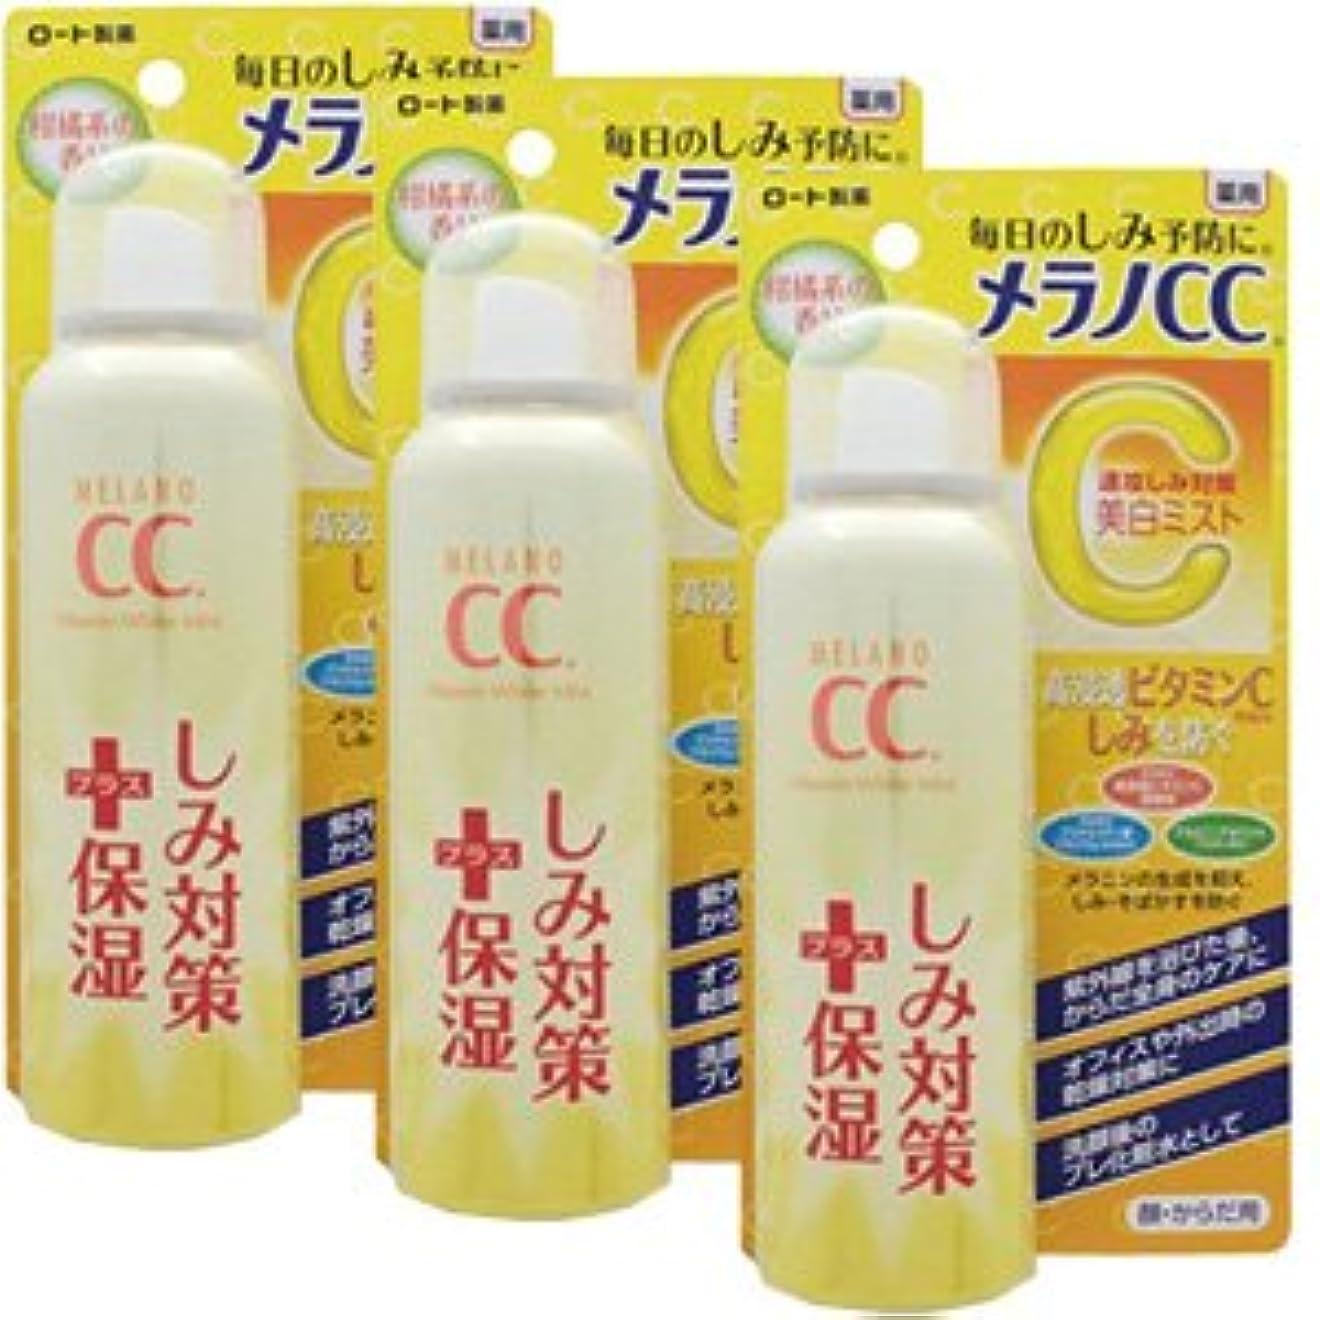 研究所分類する広い【3個】メラノCC 薬用しみ対策美白ミスト化粧水 100gx3個